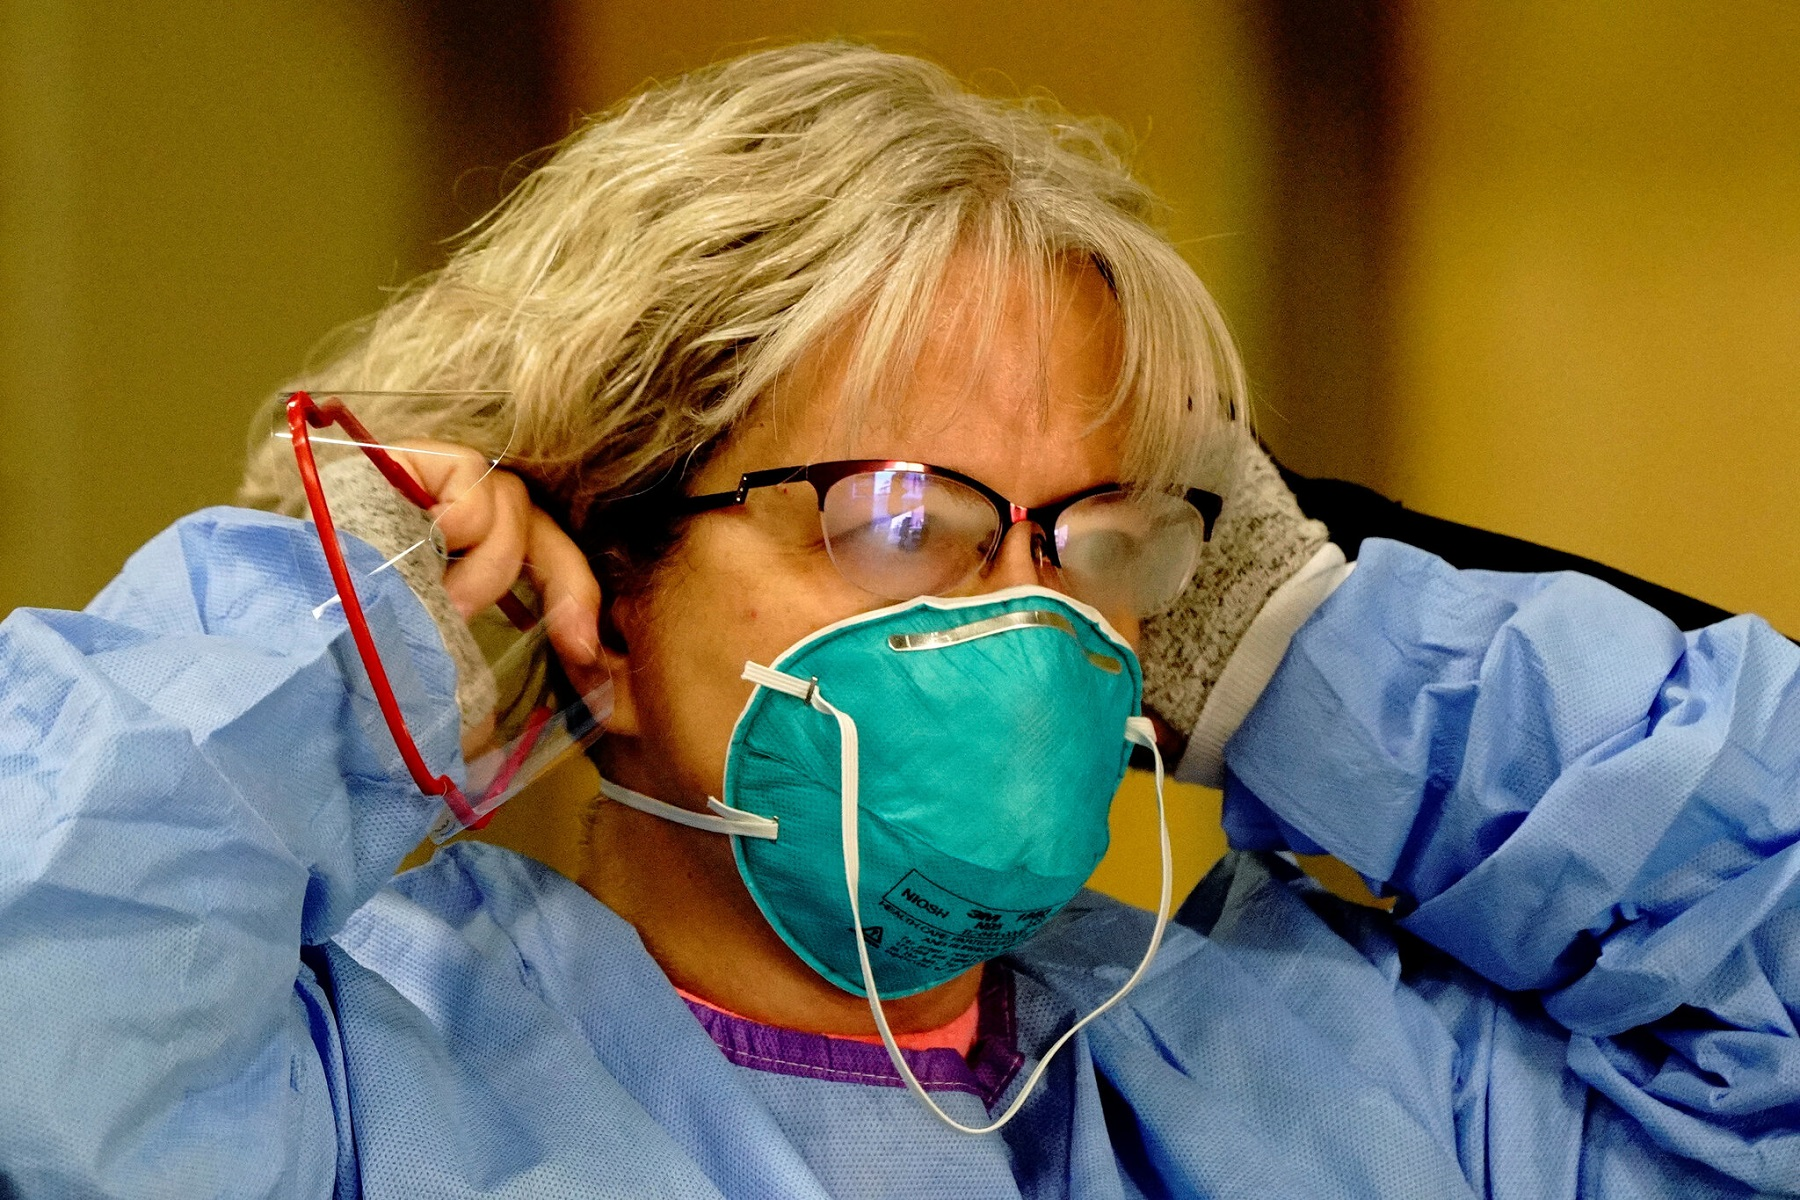 Γηροκομείο Κεντάκι ΗΠΑ: Ανησυχία για την επίδραση του εμβολίου μετά από ξέσπασμα που συνδέεται με την παραλλαγή R.1